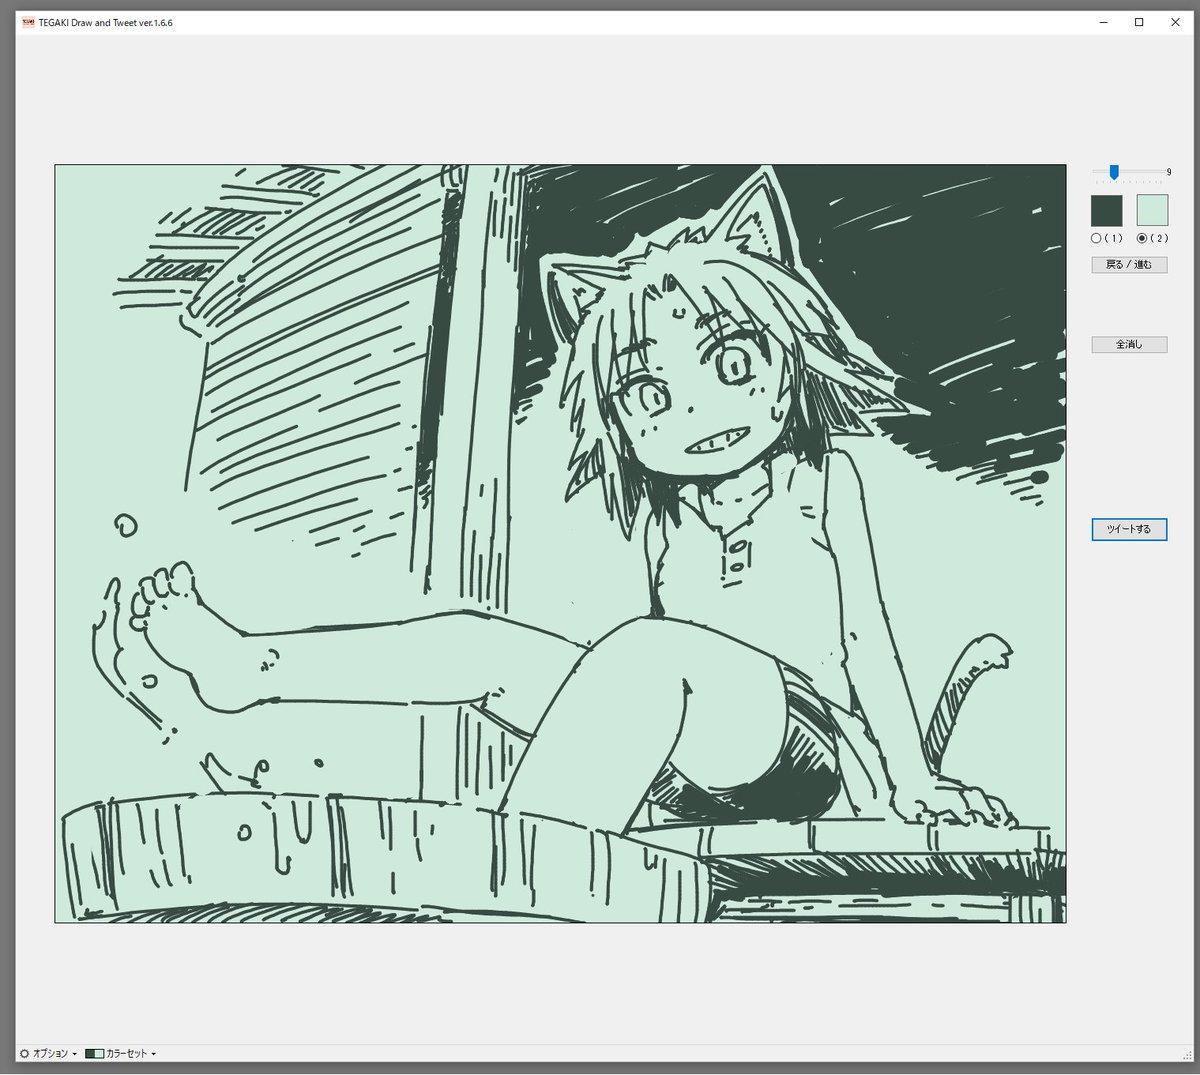 久しぶりにTEGAKIで落書きしてみたけど気軽にかけて楽しいですね! ただ描き上げてそのままtwitterには投稿できなかったよ! バージョンアップとかしてなかったからかな? キャプしたものをあげときますね